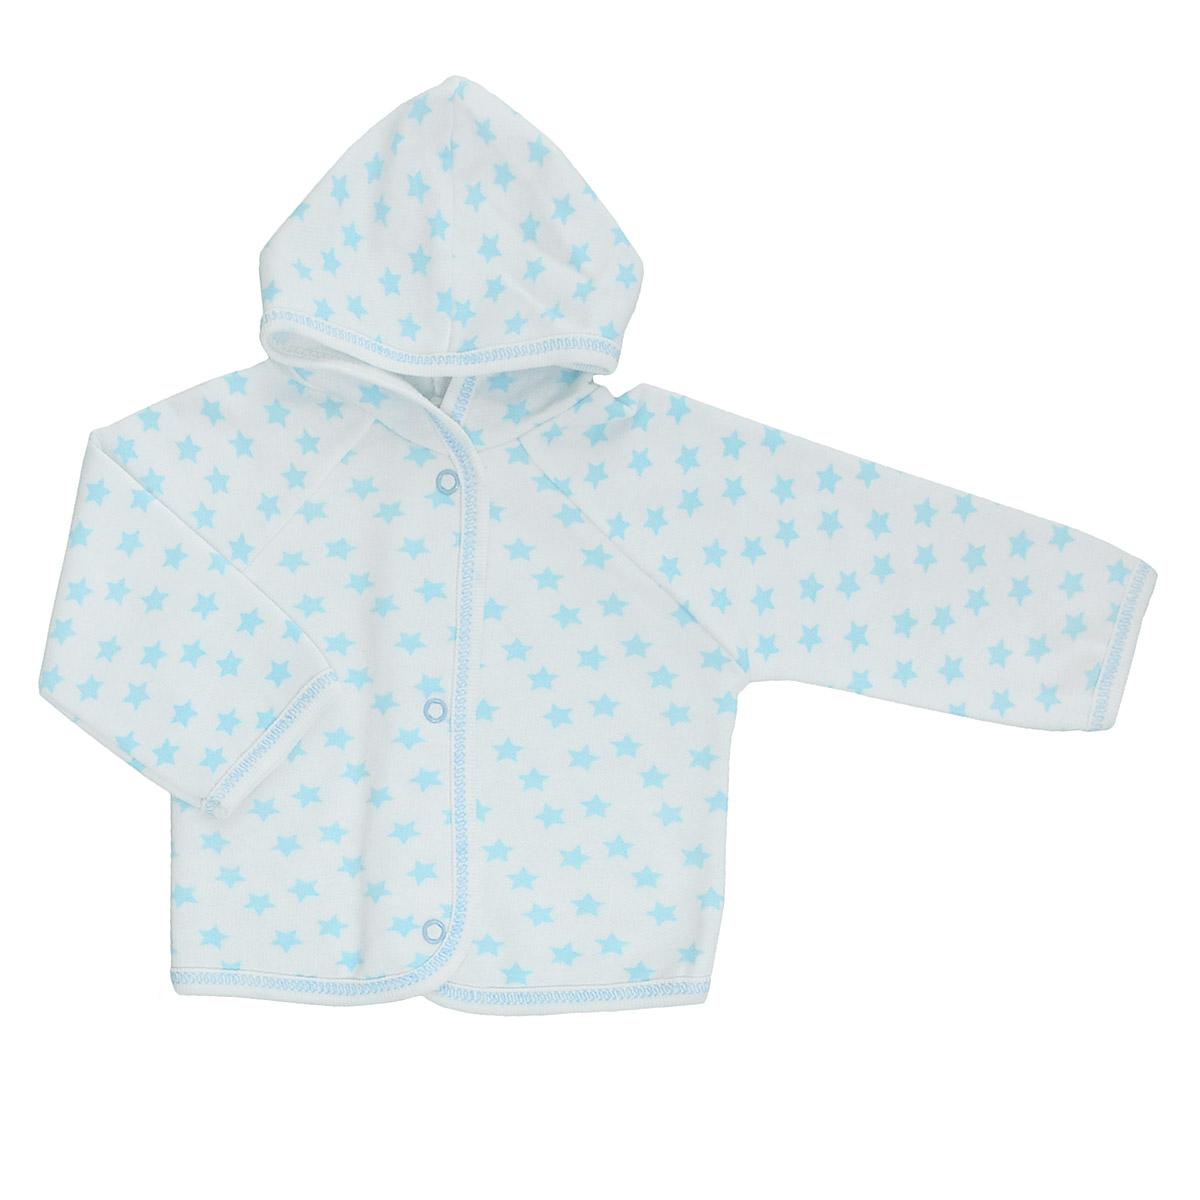 Кофточка детская Трон-плюс, цвет: белый, голубой, рисунок звезды. 5172. Размер 68, 6 месяцев5172Теплая кофточка Трон-плюс идеально подойдет вашему младенцу и станет идеальным дополнением к гардеробу вашего ребенка, обеспечивая ему наибольший комфорт. Изготовленная из футера - натурального хлопка, она необычайно мягкая и легкая, не раздражает нежную кожу ребенка и хорошо вентилируется, а эластичные швы приятны телу малыша и не препятствуют его движениям. Удобные застежки-кнопки по всей длине помогают легко переодеть младенца. Модель с длинными рукавами-реглан дополнена капюшоном. По краям кофточка обработана бейкой и украшена оригинальным принтом.Кофточка полностью соответствует особенностям жизни ребенка в ранний период, не стесняя и не ограничивая его в движениях.